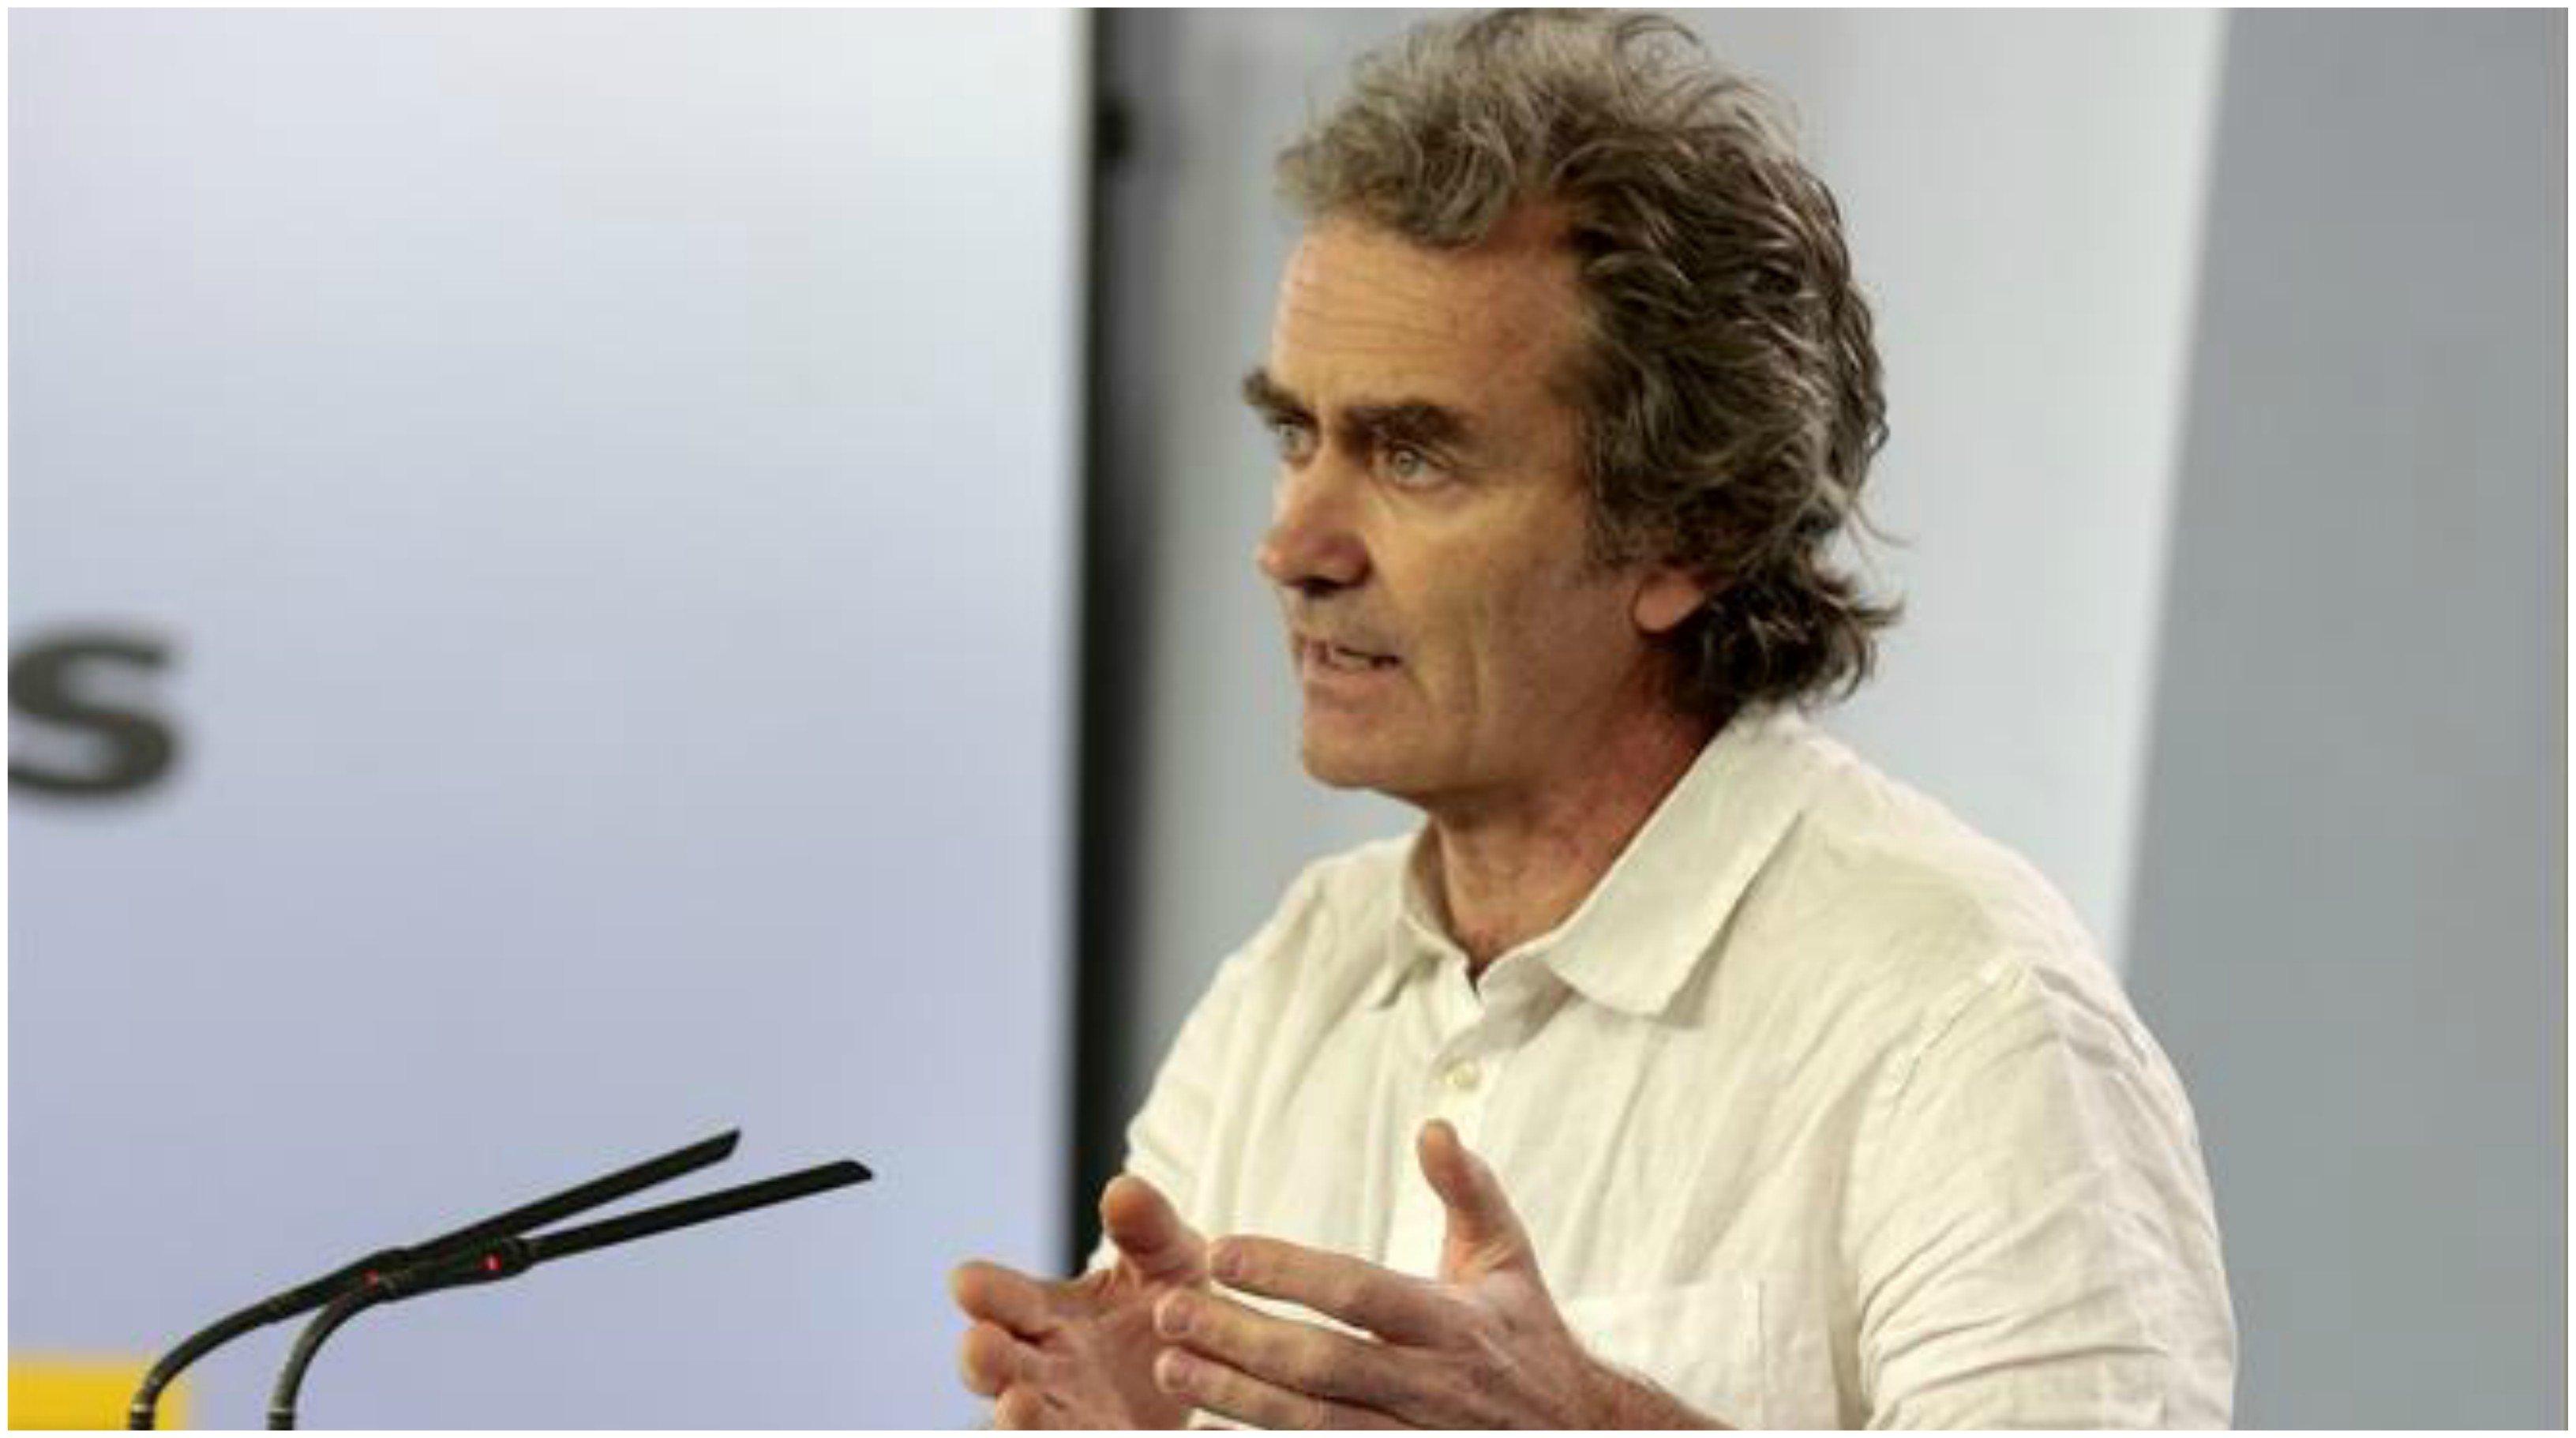 Mientras, continúa la estafa de Fernando Simón: compara los ritmos internacionales de crecimiento pero no los muertos ni los contagiados por habitante… que encabeza España